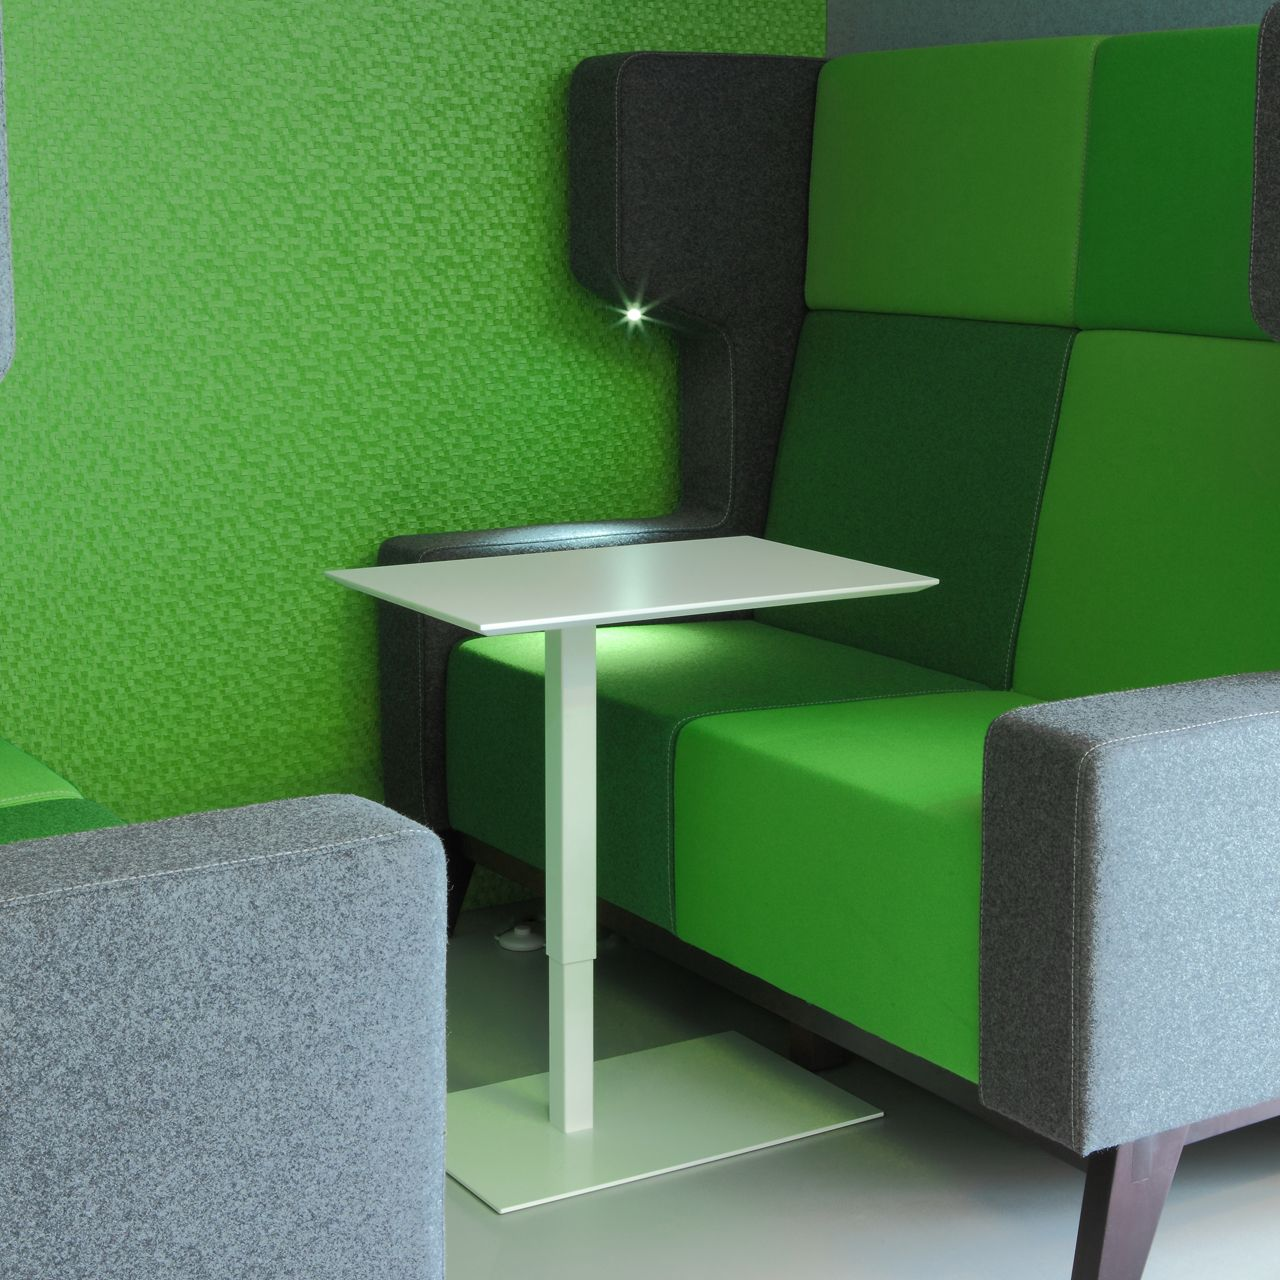 modulair akoestisch meubilair ingebouwde verlichting